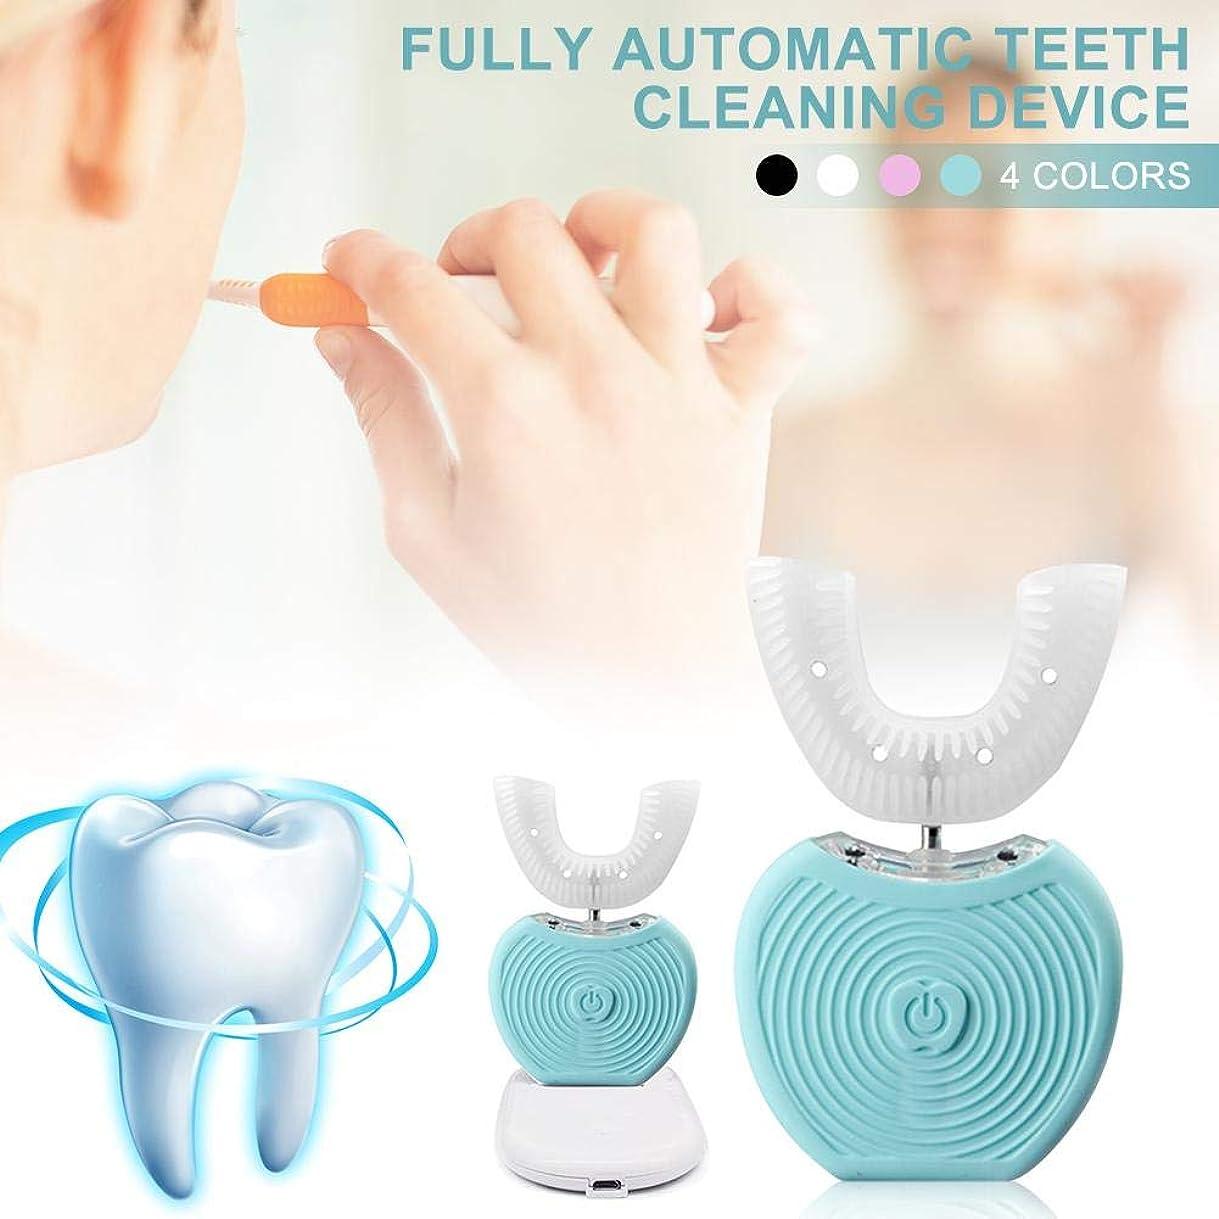 通知する道に迷いました逆USBポータブル電動歯ブラシ IPX7防水 ブルーレイホワイトニングツール AI自動メモリー機能 360度オールラウンド歯ブラシ